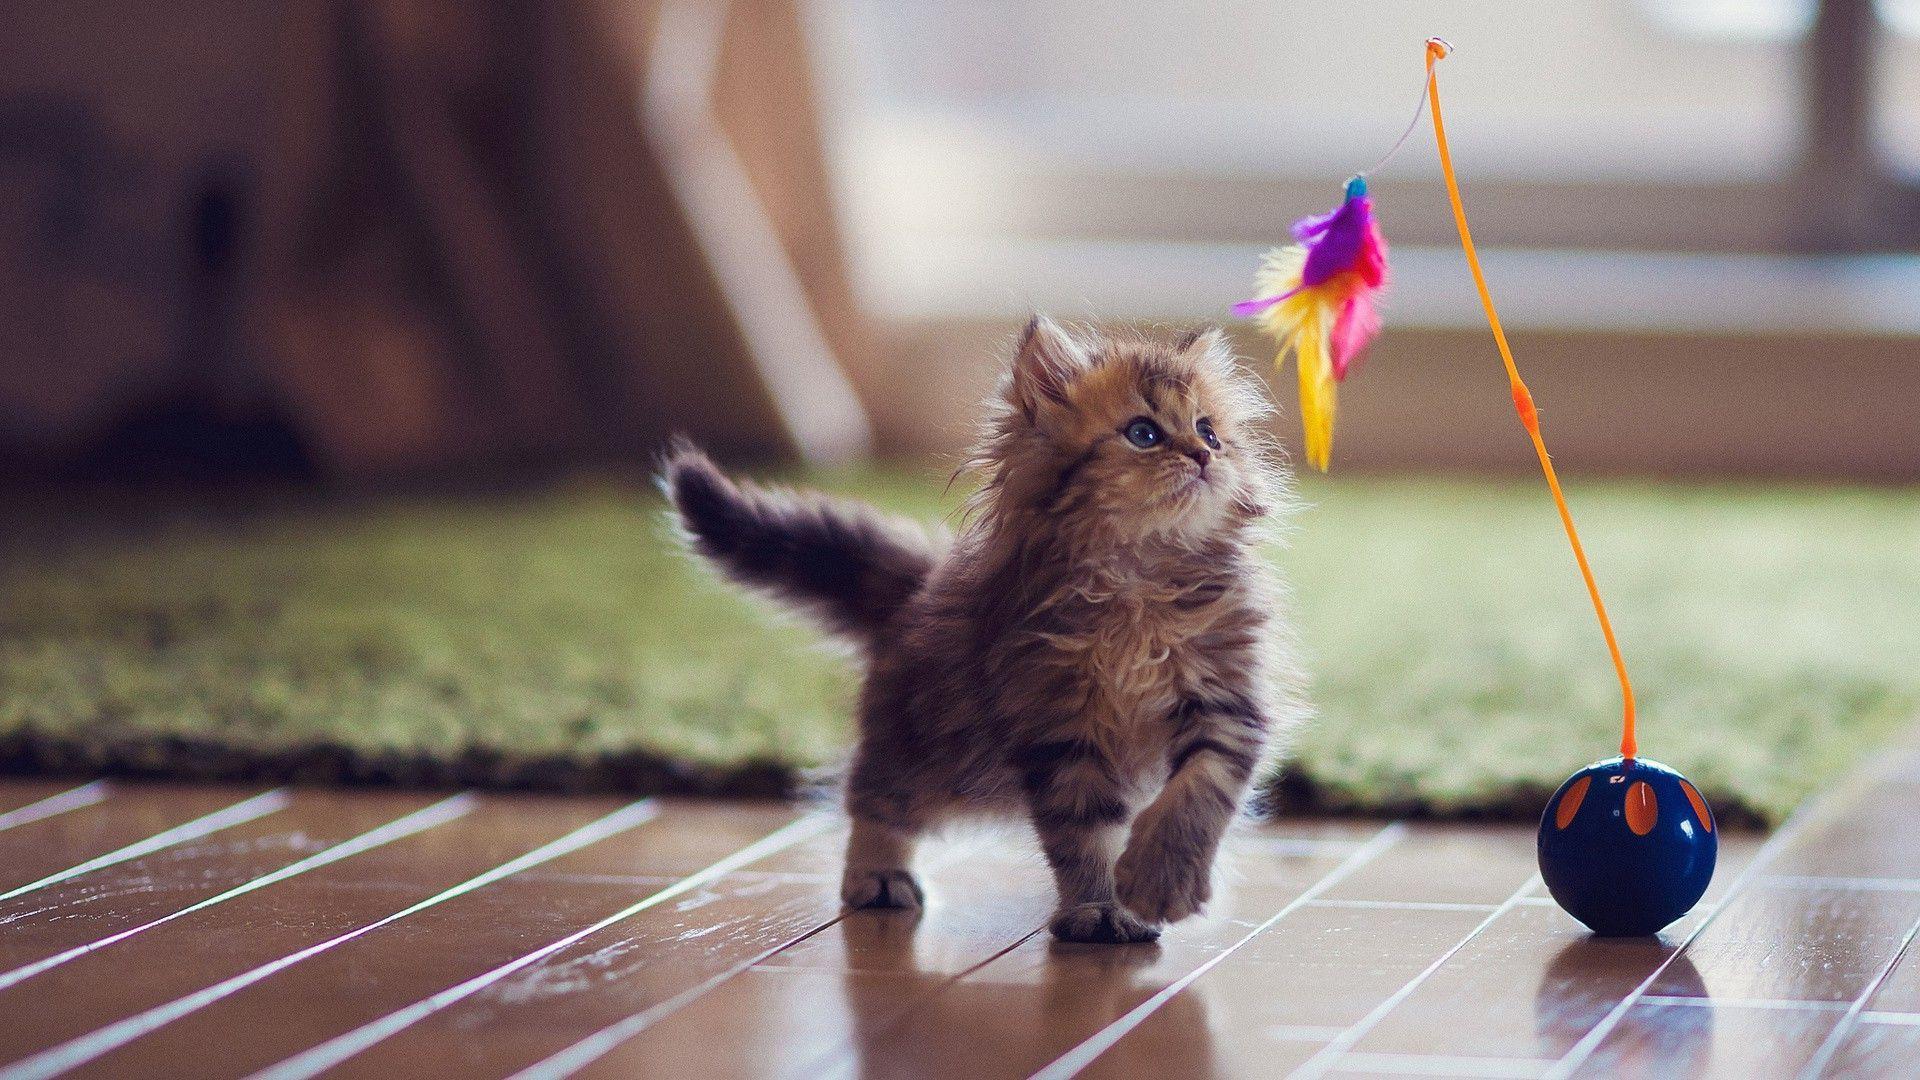 Cute Wallpapers For Mobile Hd: Top Ten – I 10 Migliori Giochi Con I Gatti